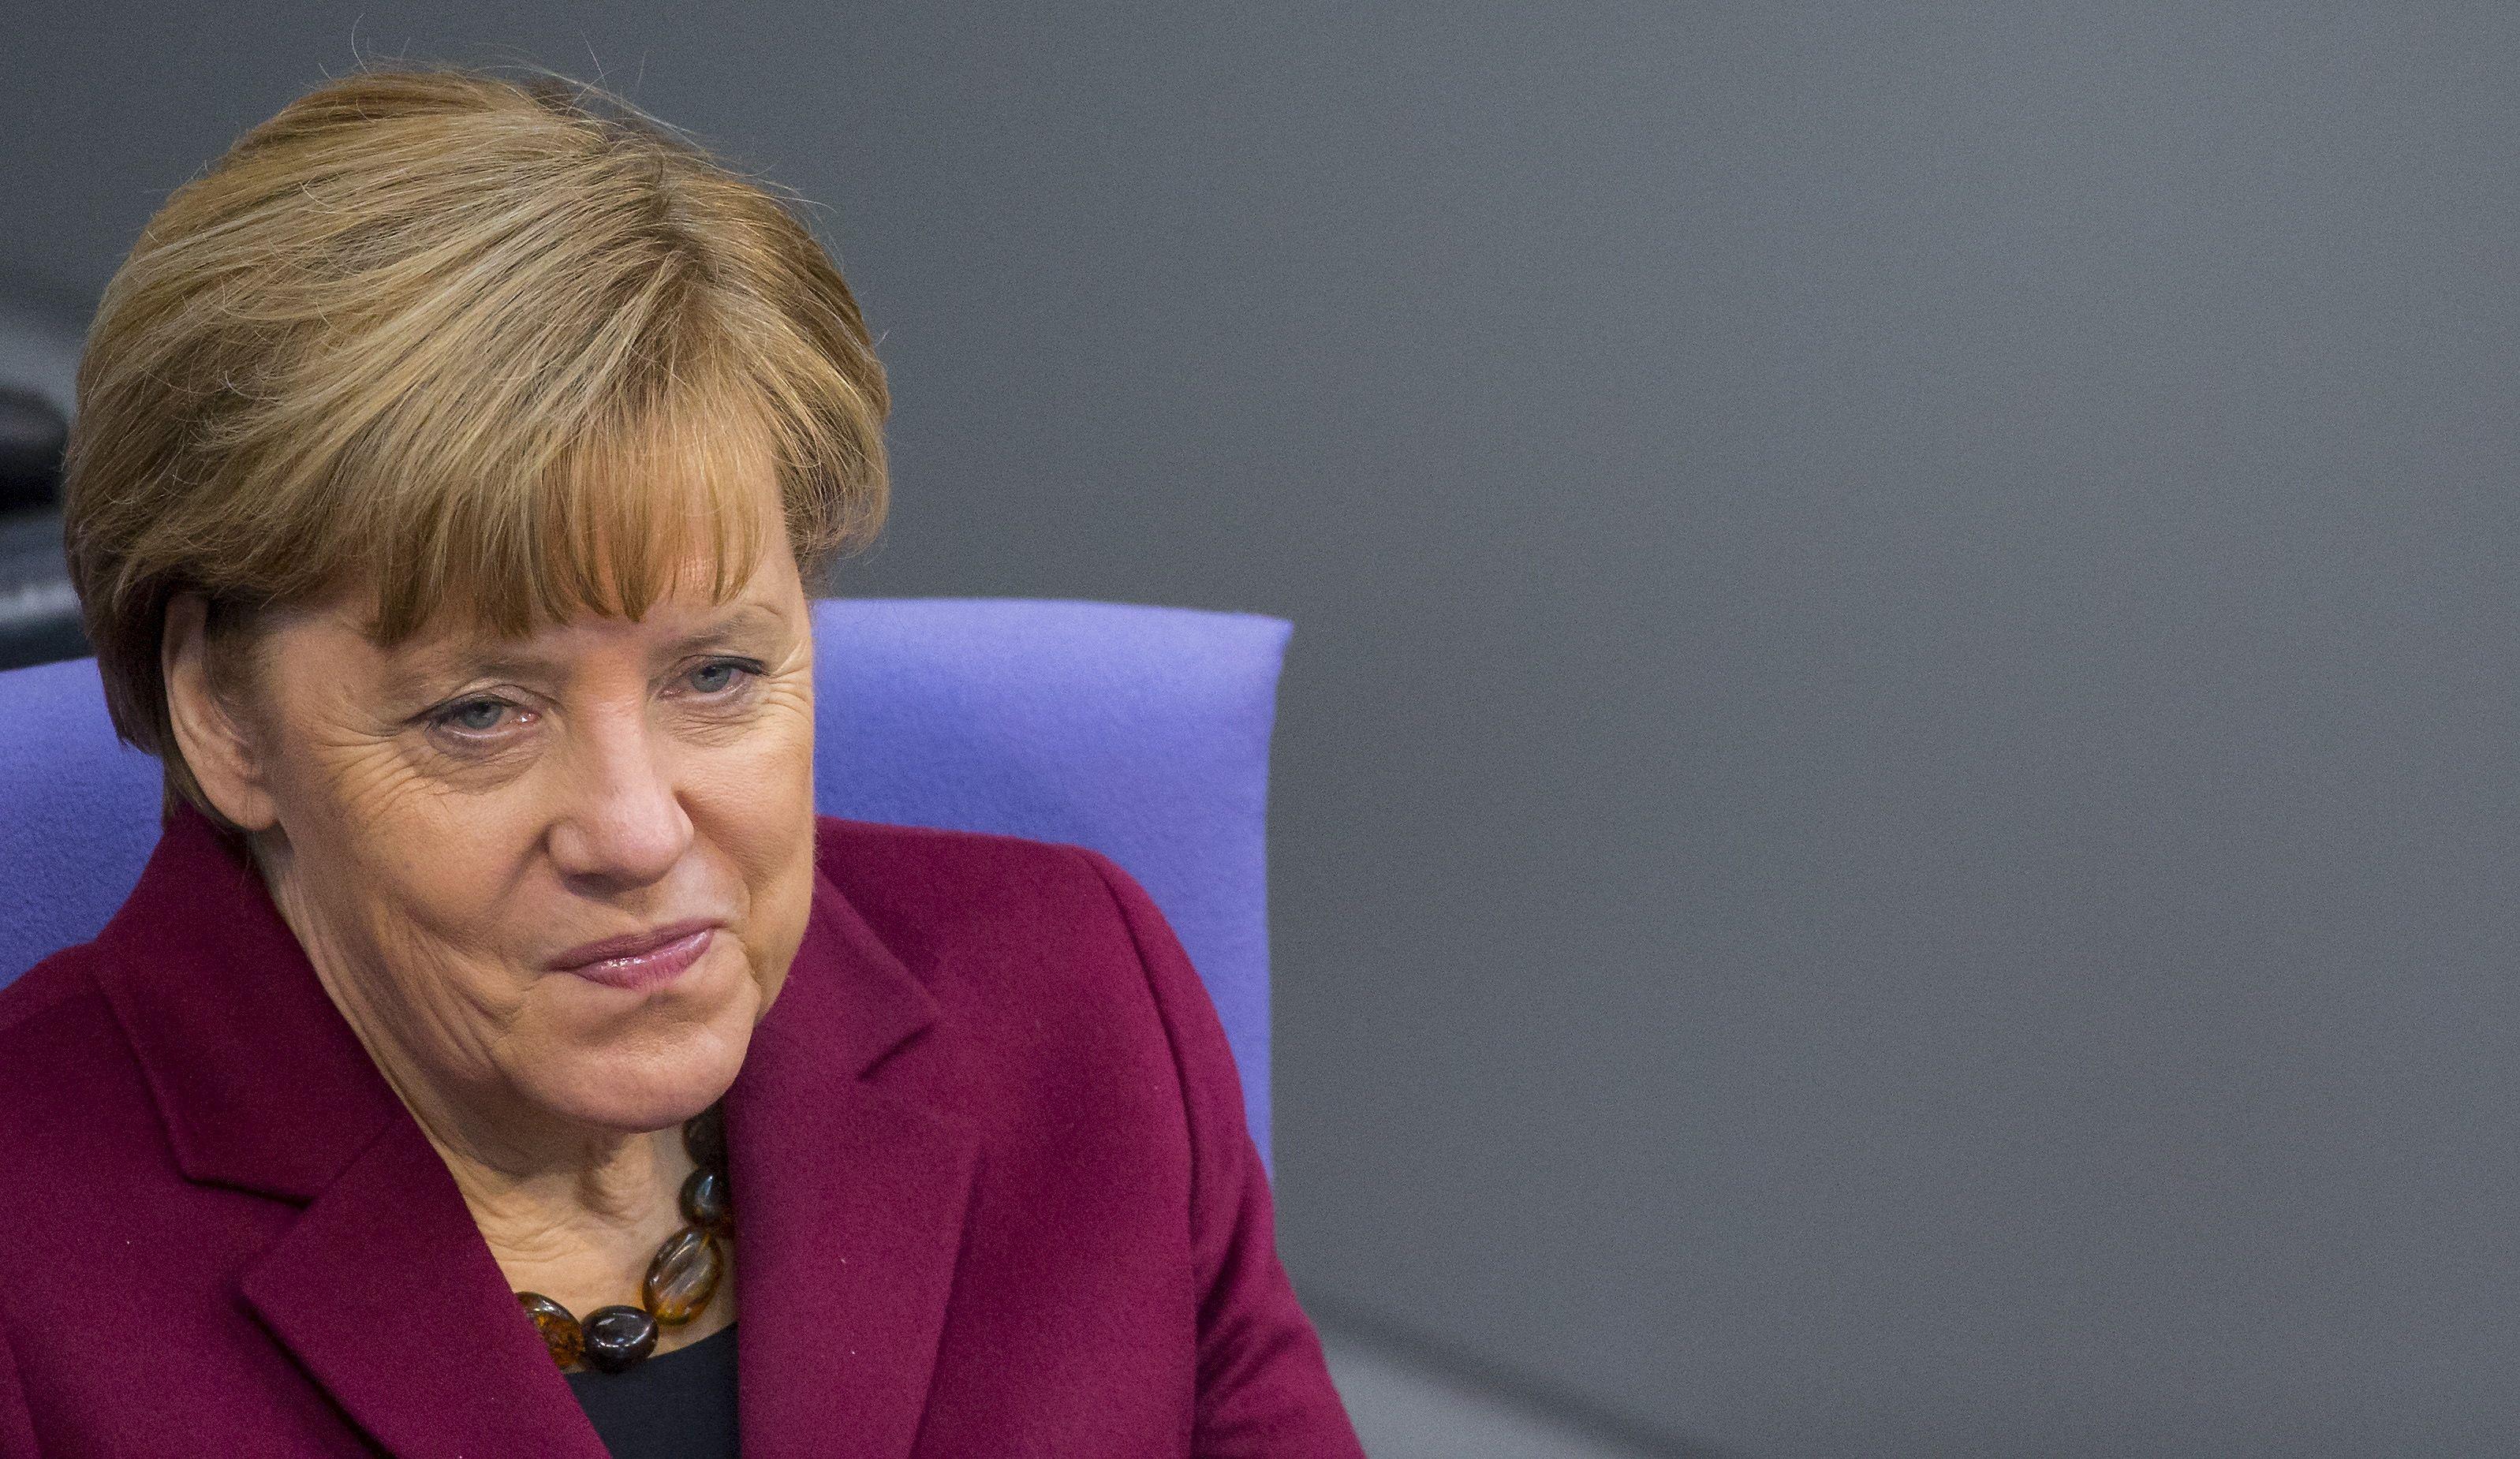 Angela Merkel reconnaît une mauvaise préparation face à l'accueil des migrants mais le problème pourrait vite se révéler bien plus épineux encore pour l'Allemagne